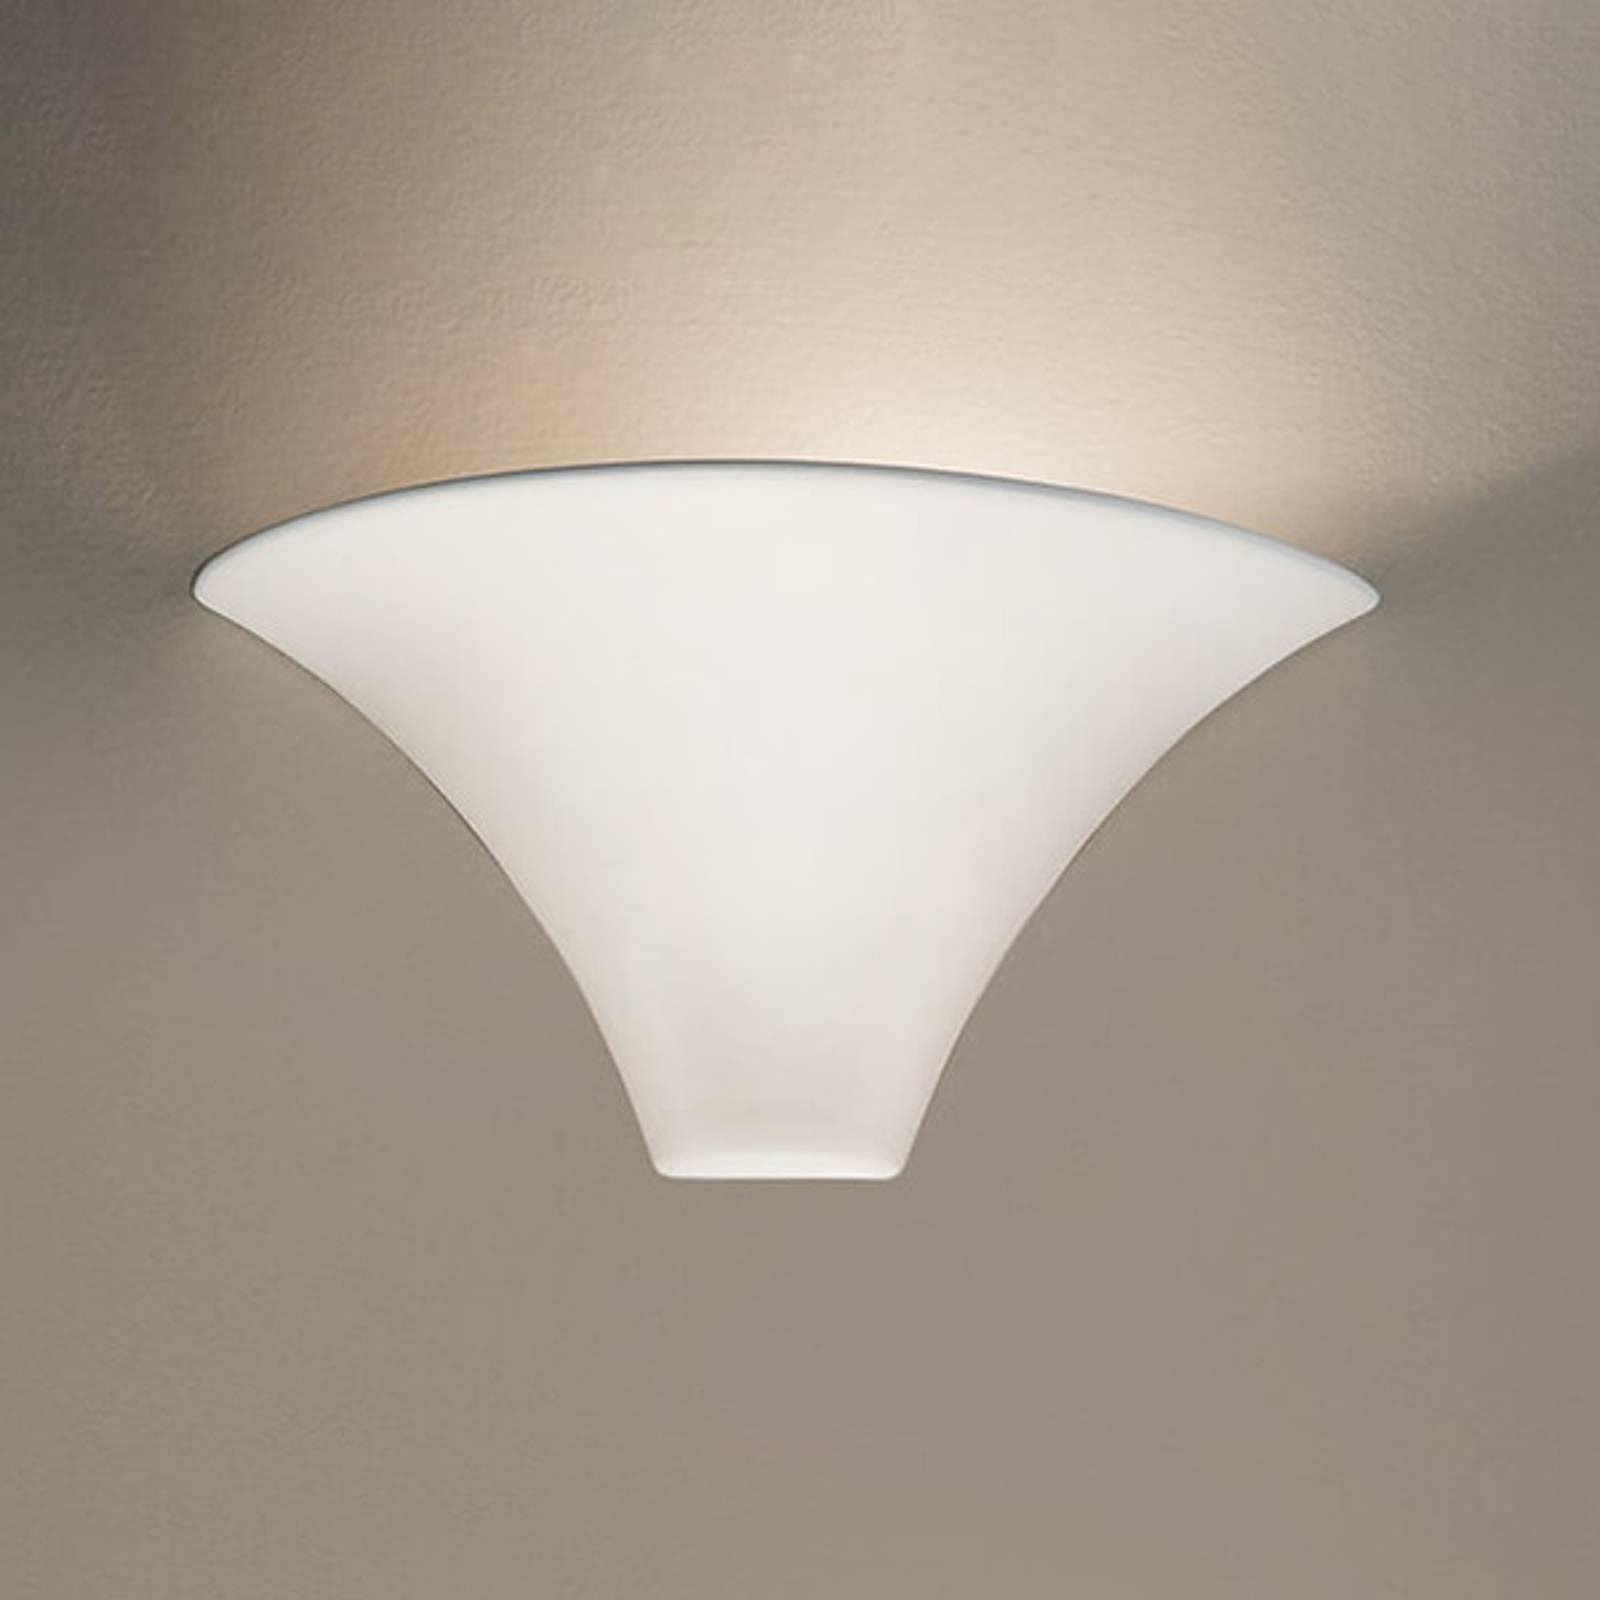 KOLARZ Cardin - weiße Wandleuchte in schöner Form